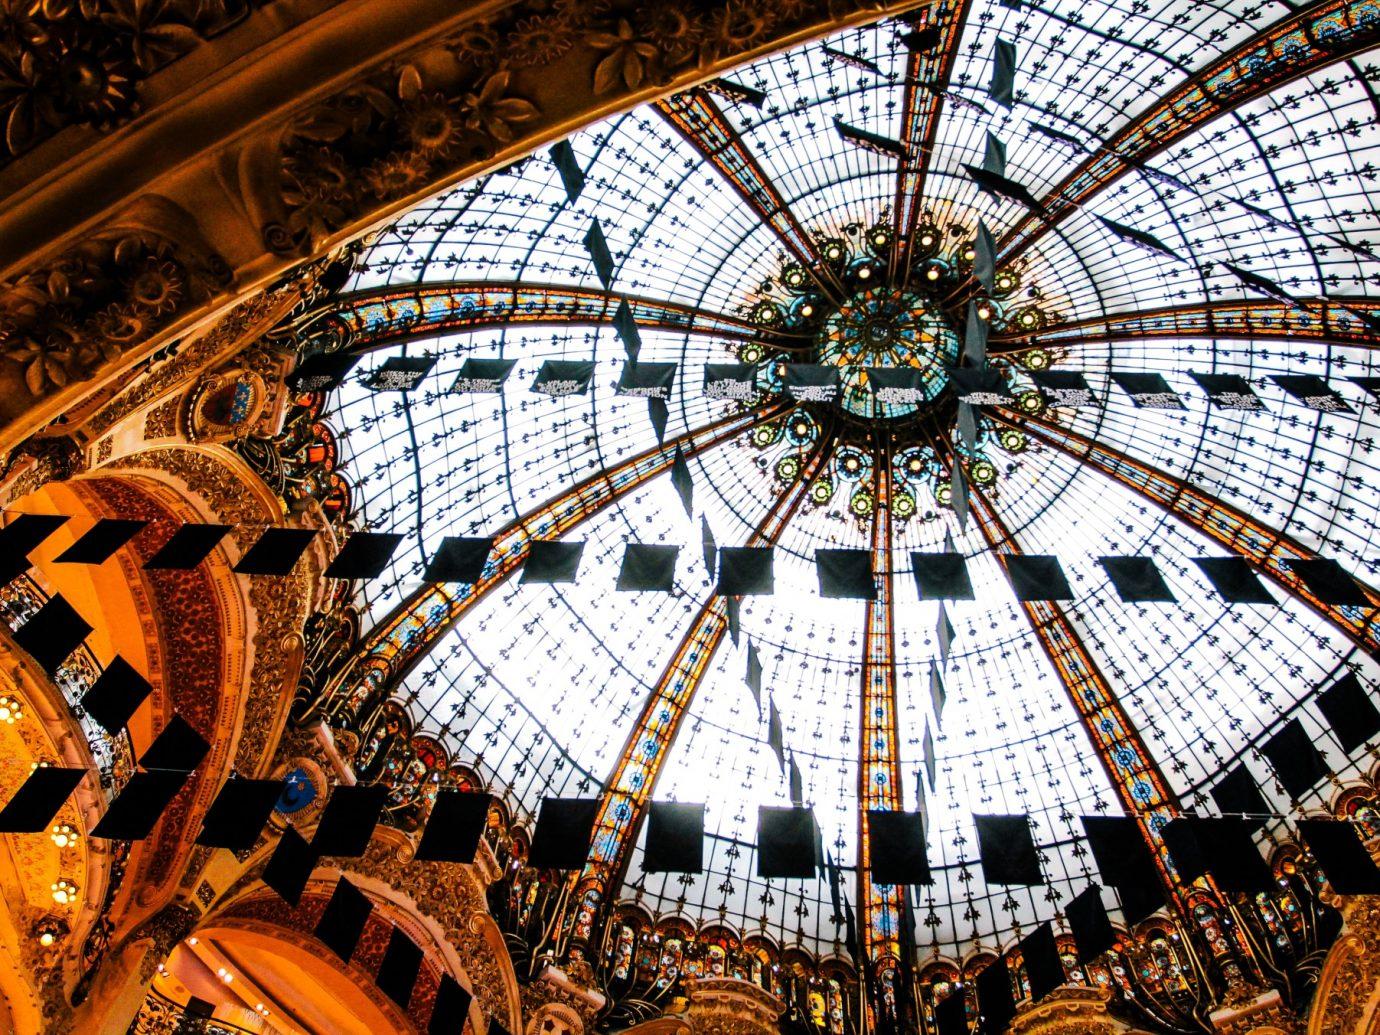 ceiling of Galeries Lafayette, paris